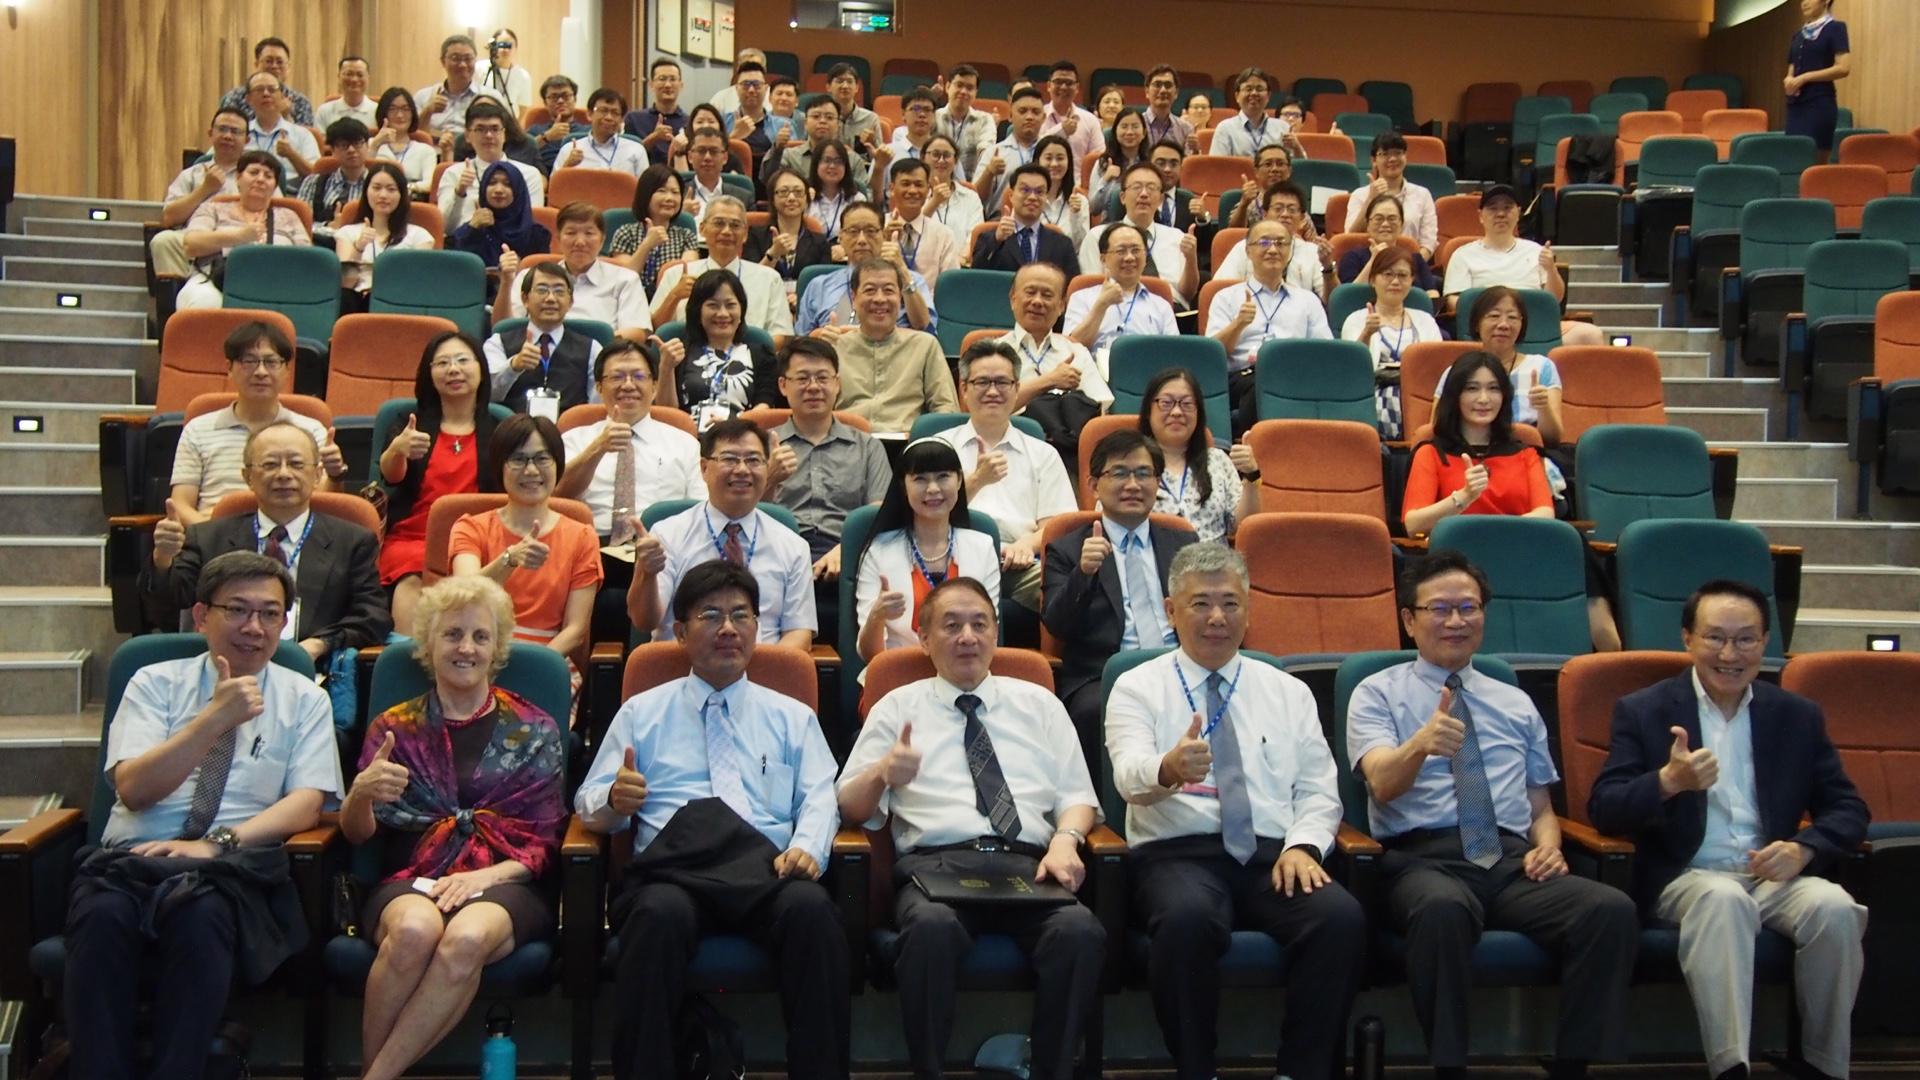 中原大學推動企業倫理與社會責任 邀請國際學者齊聚精進